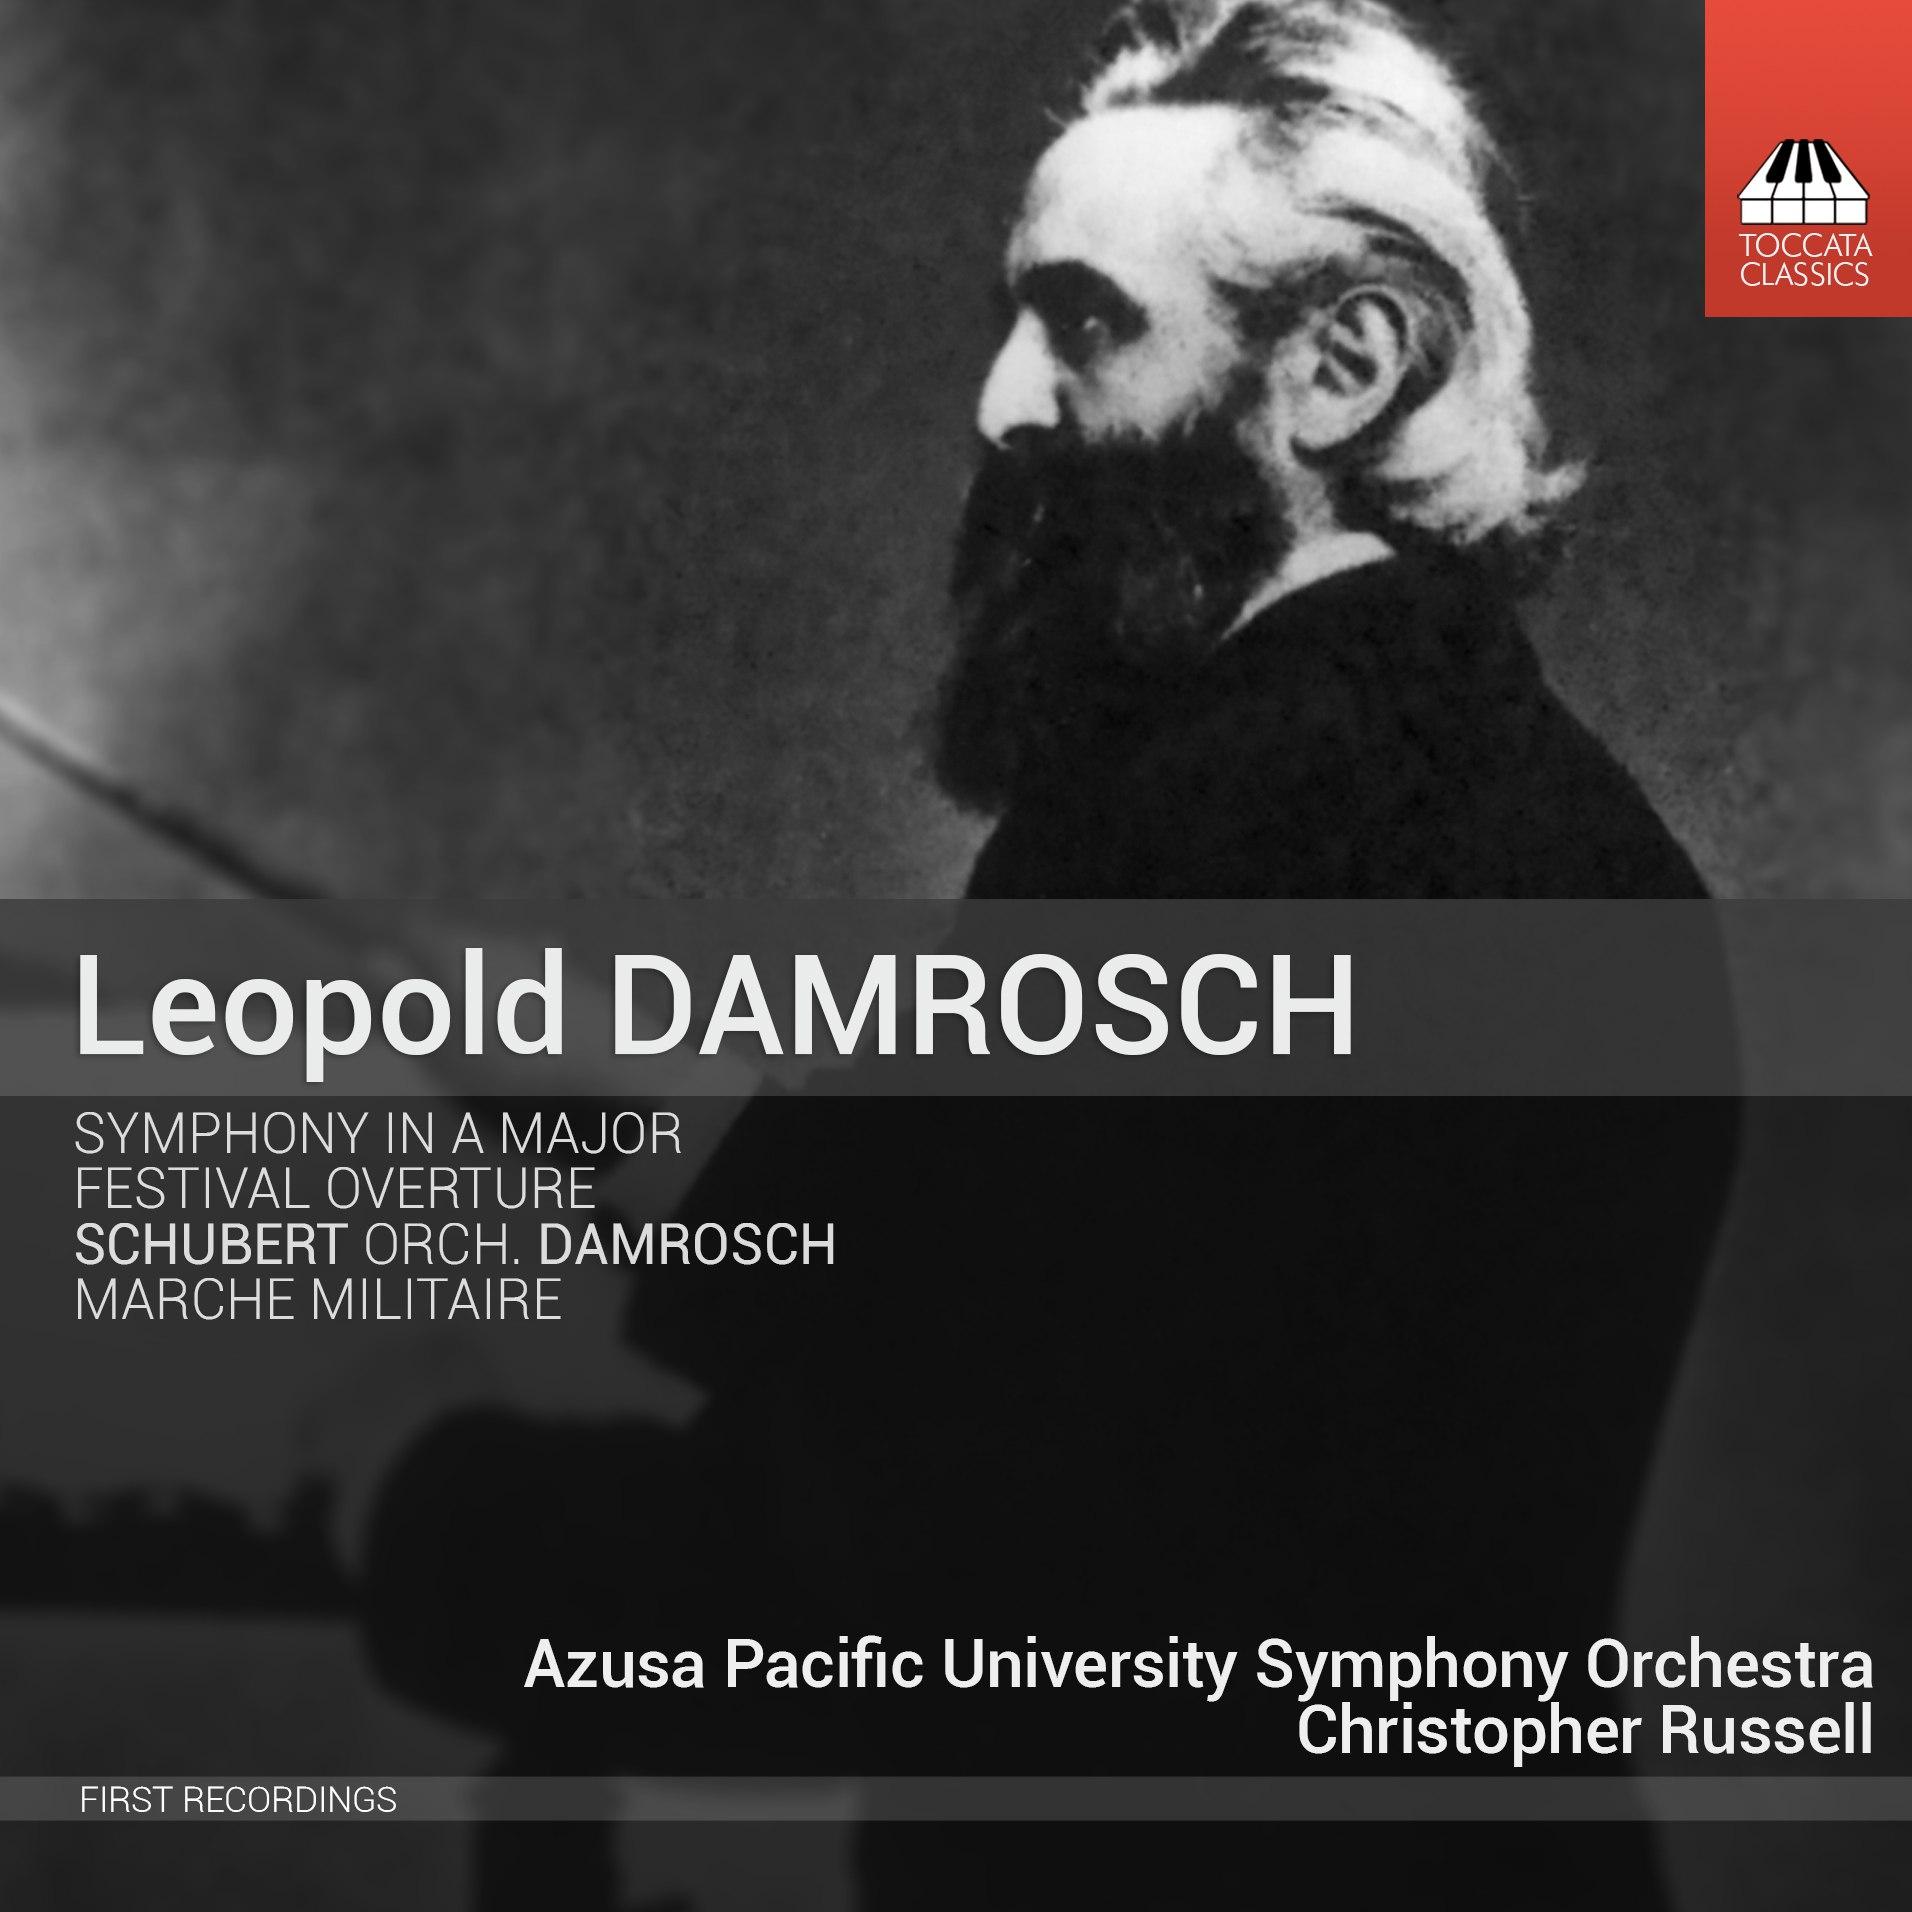 Leopold Damrosch: Orchestral Music